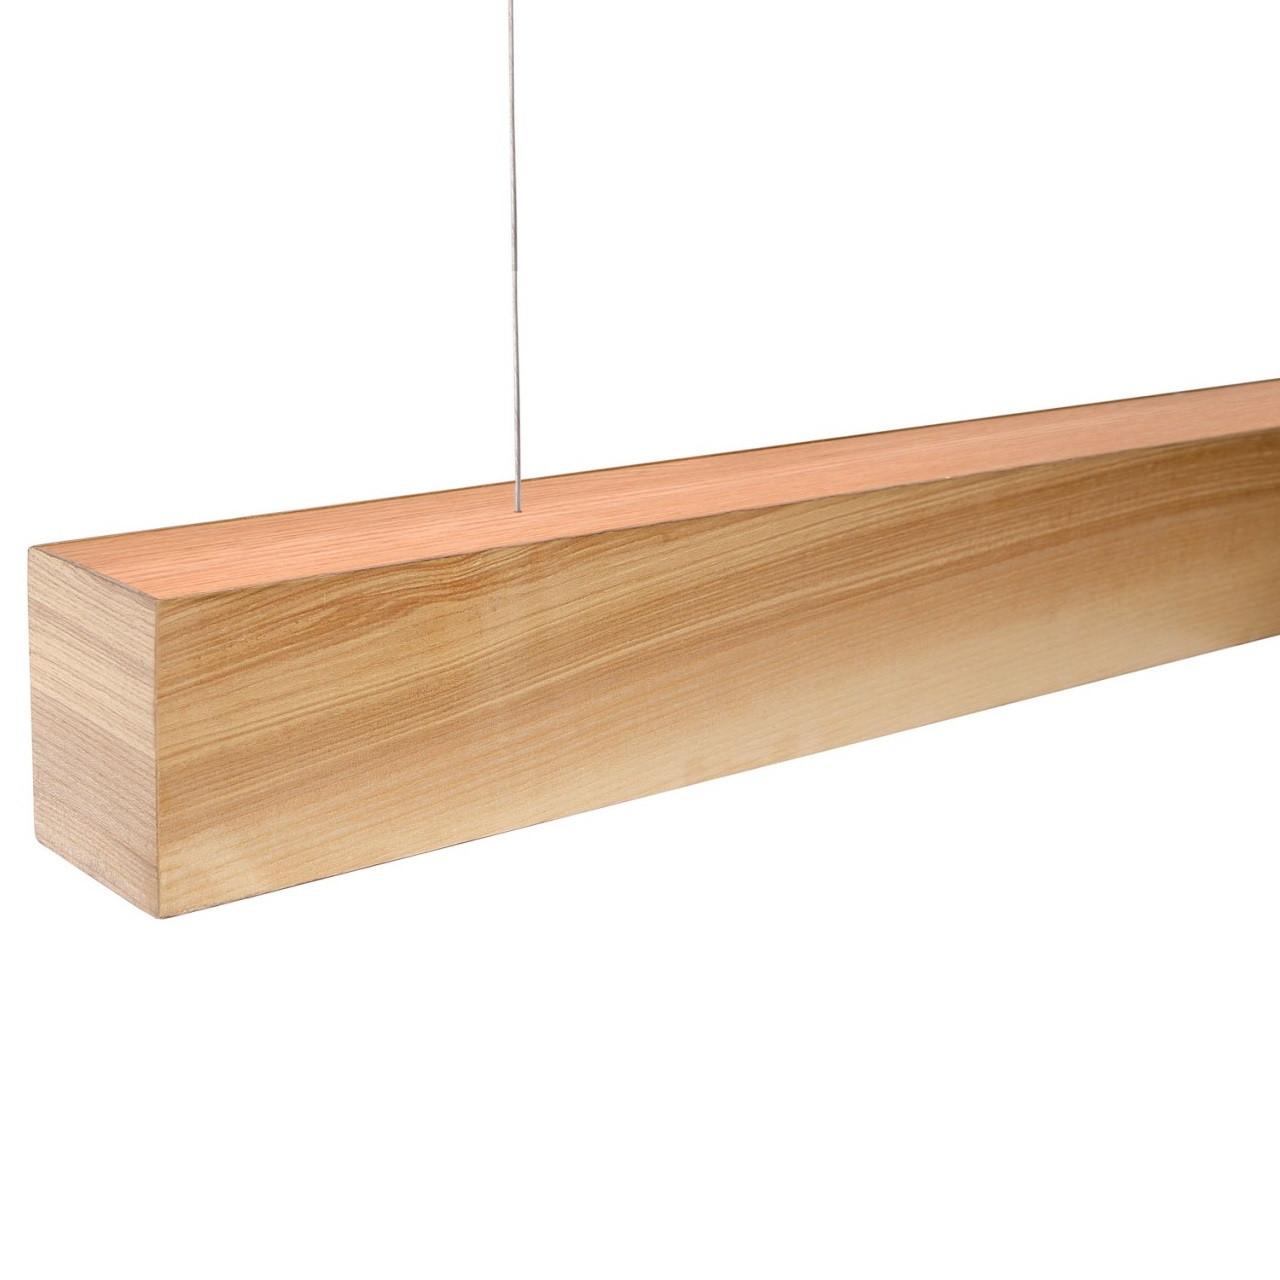 Turman WOOD 1500 44W 4400Lm деревянный светодиодный линейный светильник